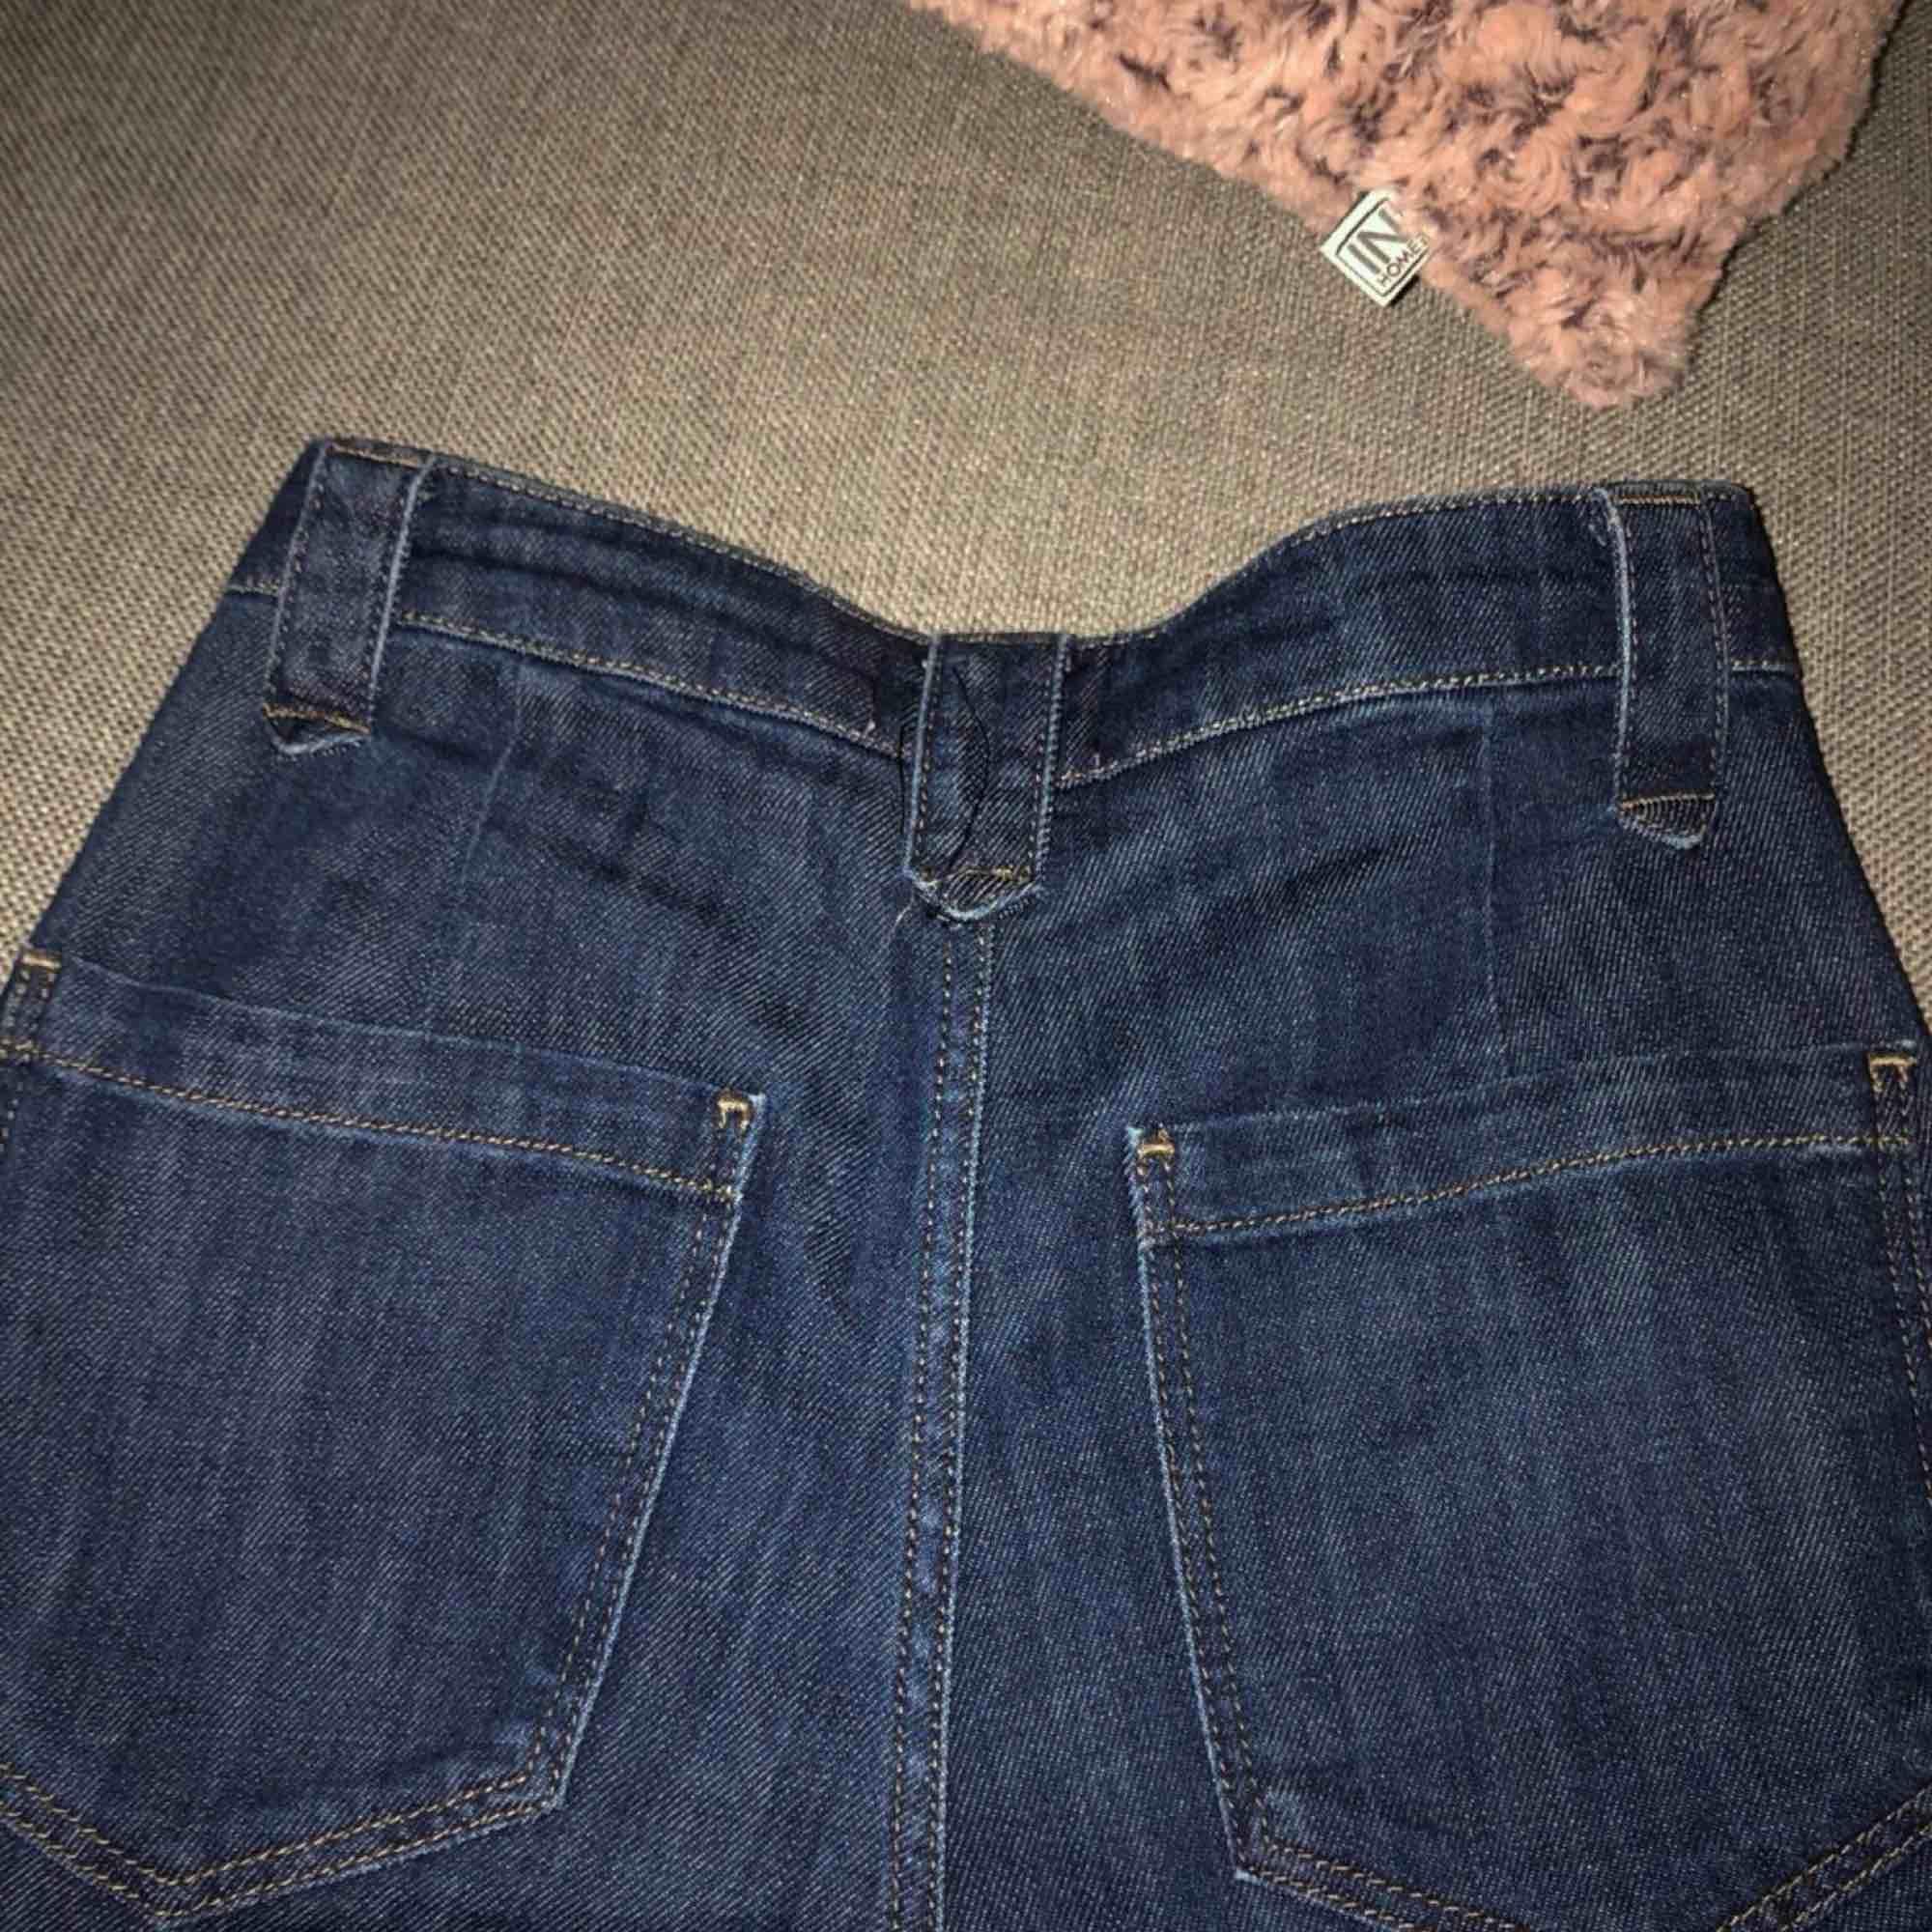 Helt nya, oanvända, High Waist, kvalitetsjeans från dobber, gör ont att sälja ( rensar garderoben) Sitter jätte snyggt på rumpan Nypris: runt 600kr Skriv direkt vid intresse, därefter kan vi gemensamt diskutera ett rimligt pris. Jeans & Byxor.